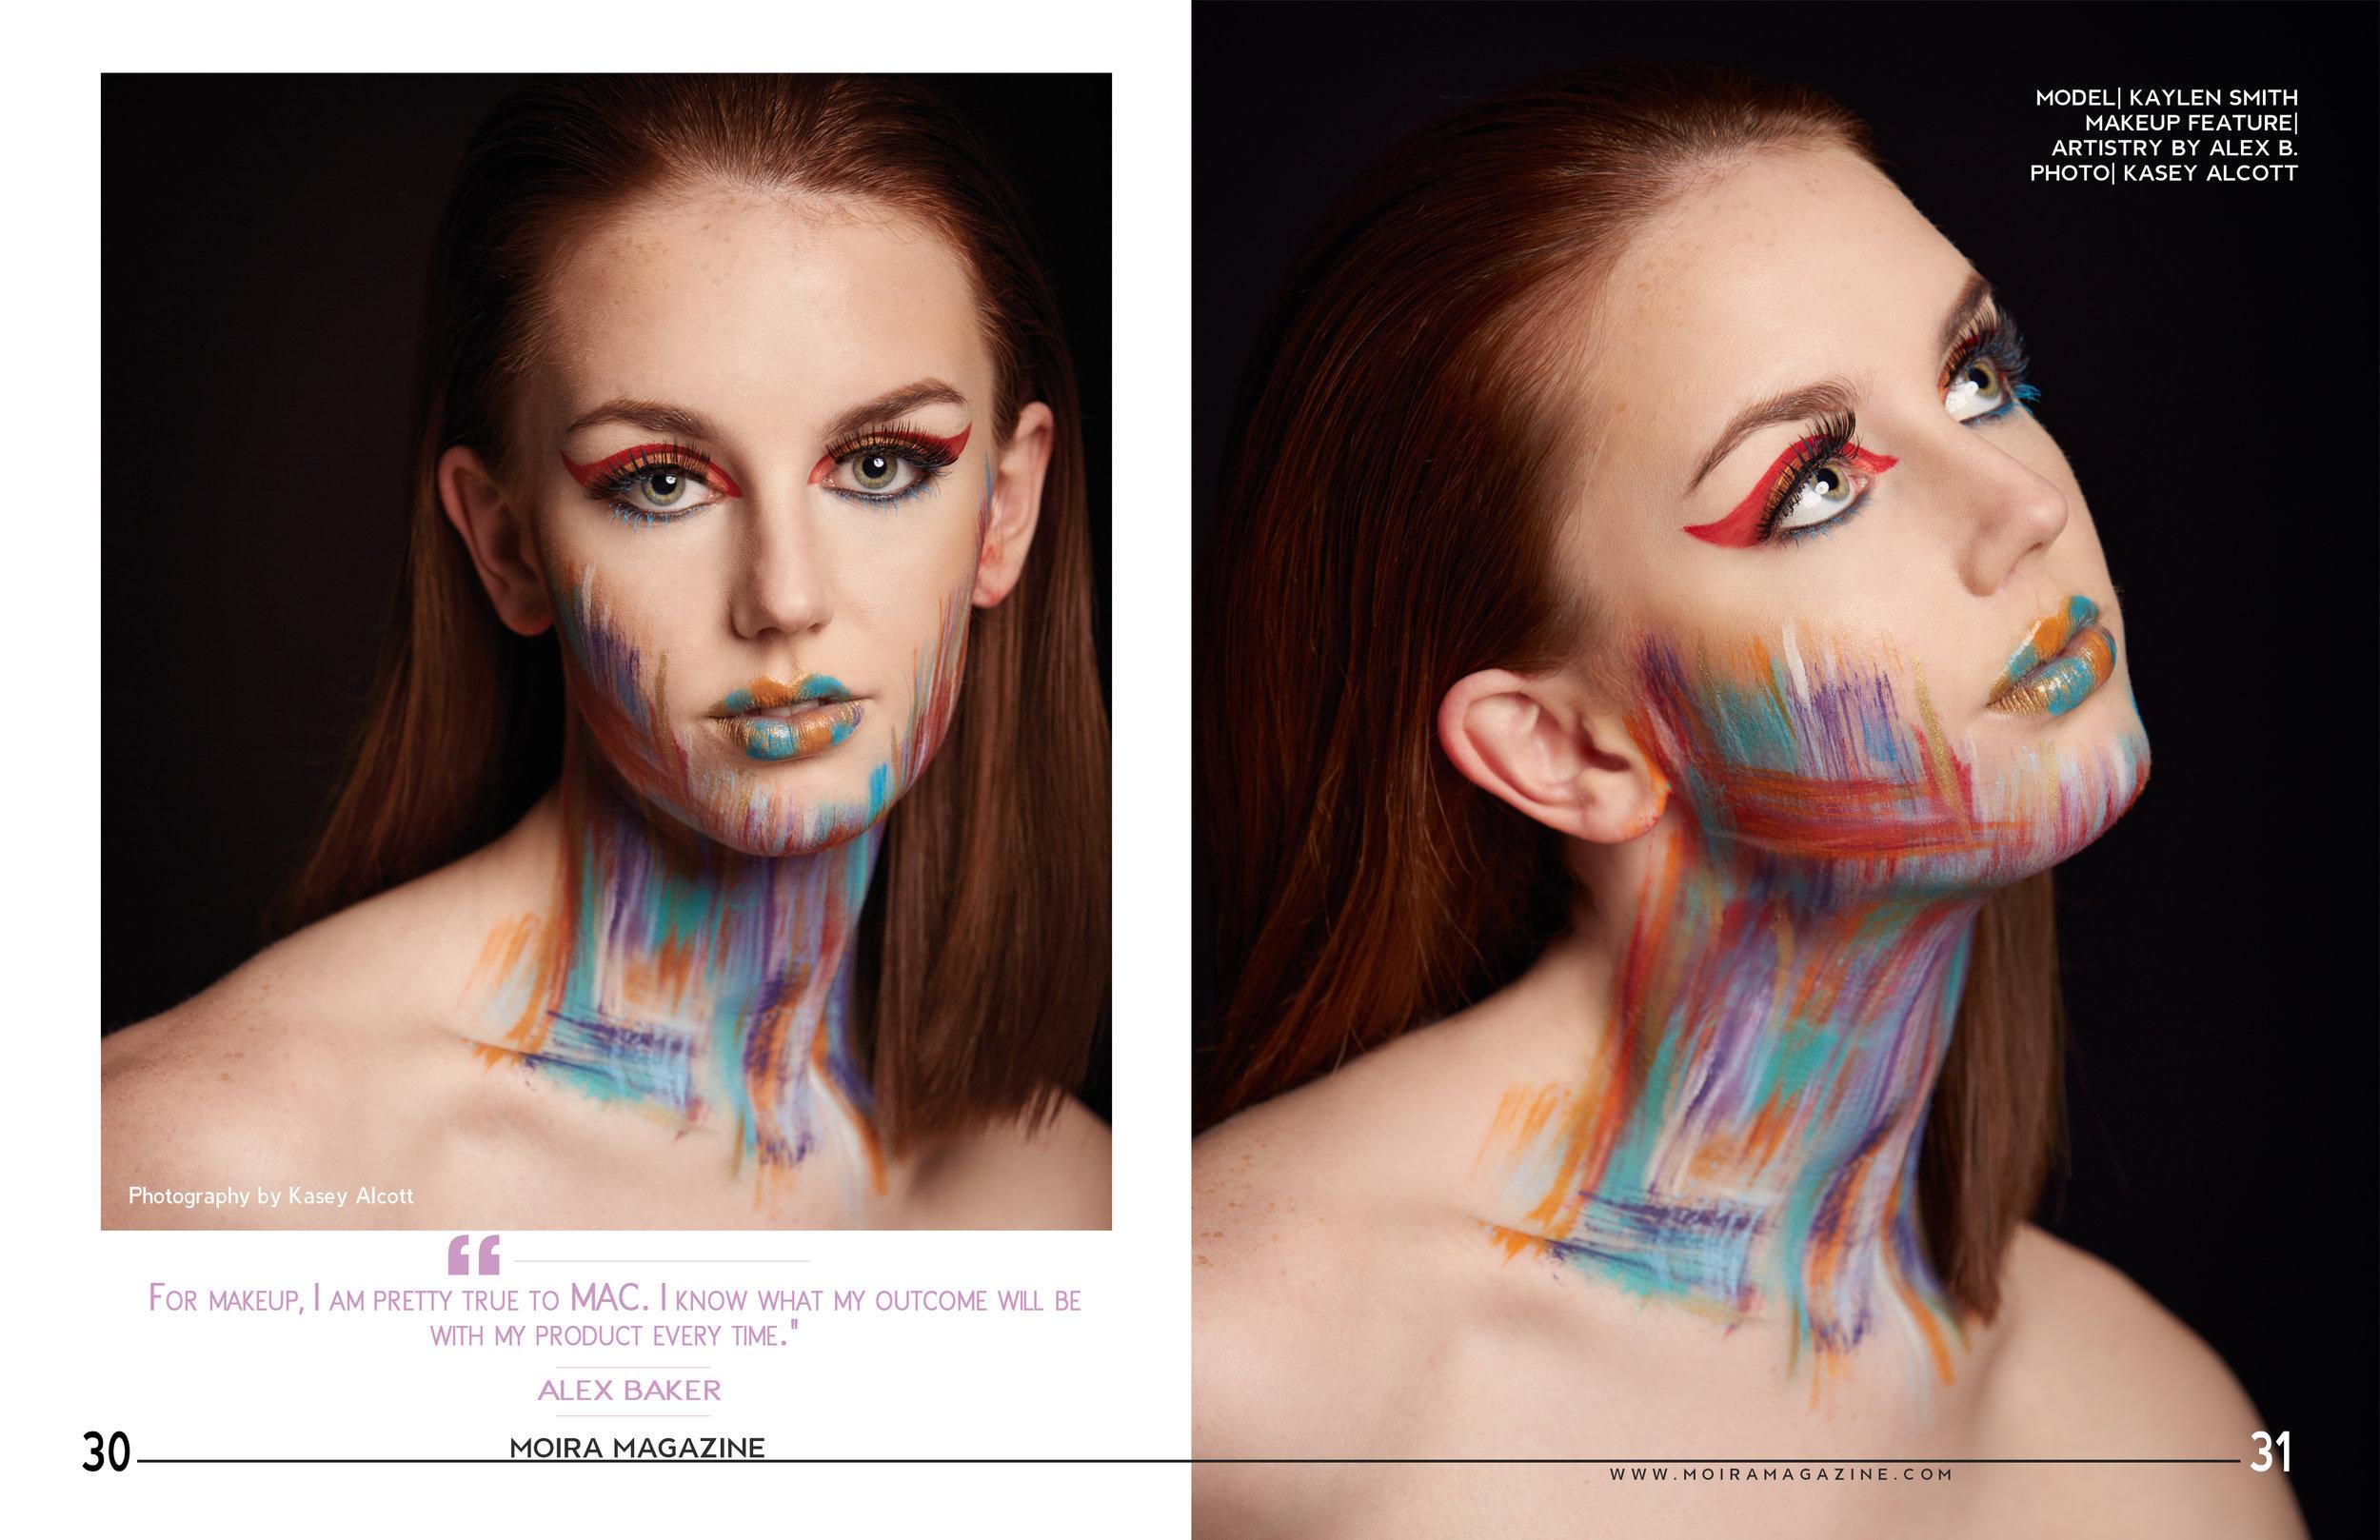 30-31 Makeup Feature-Kaylen.jpg